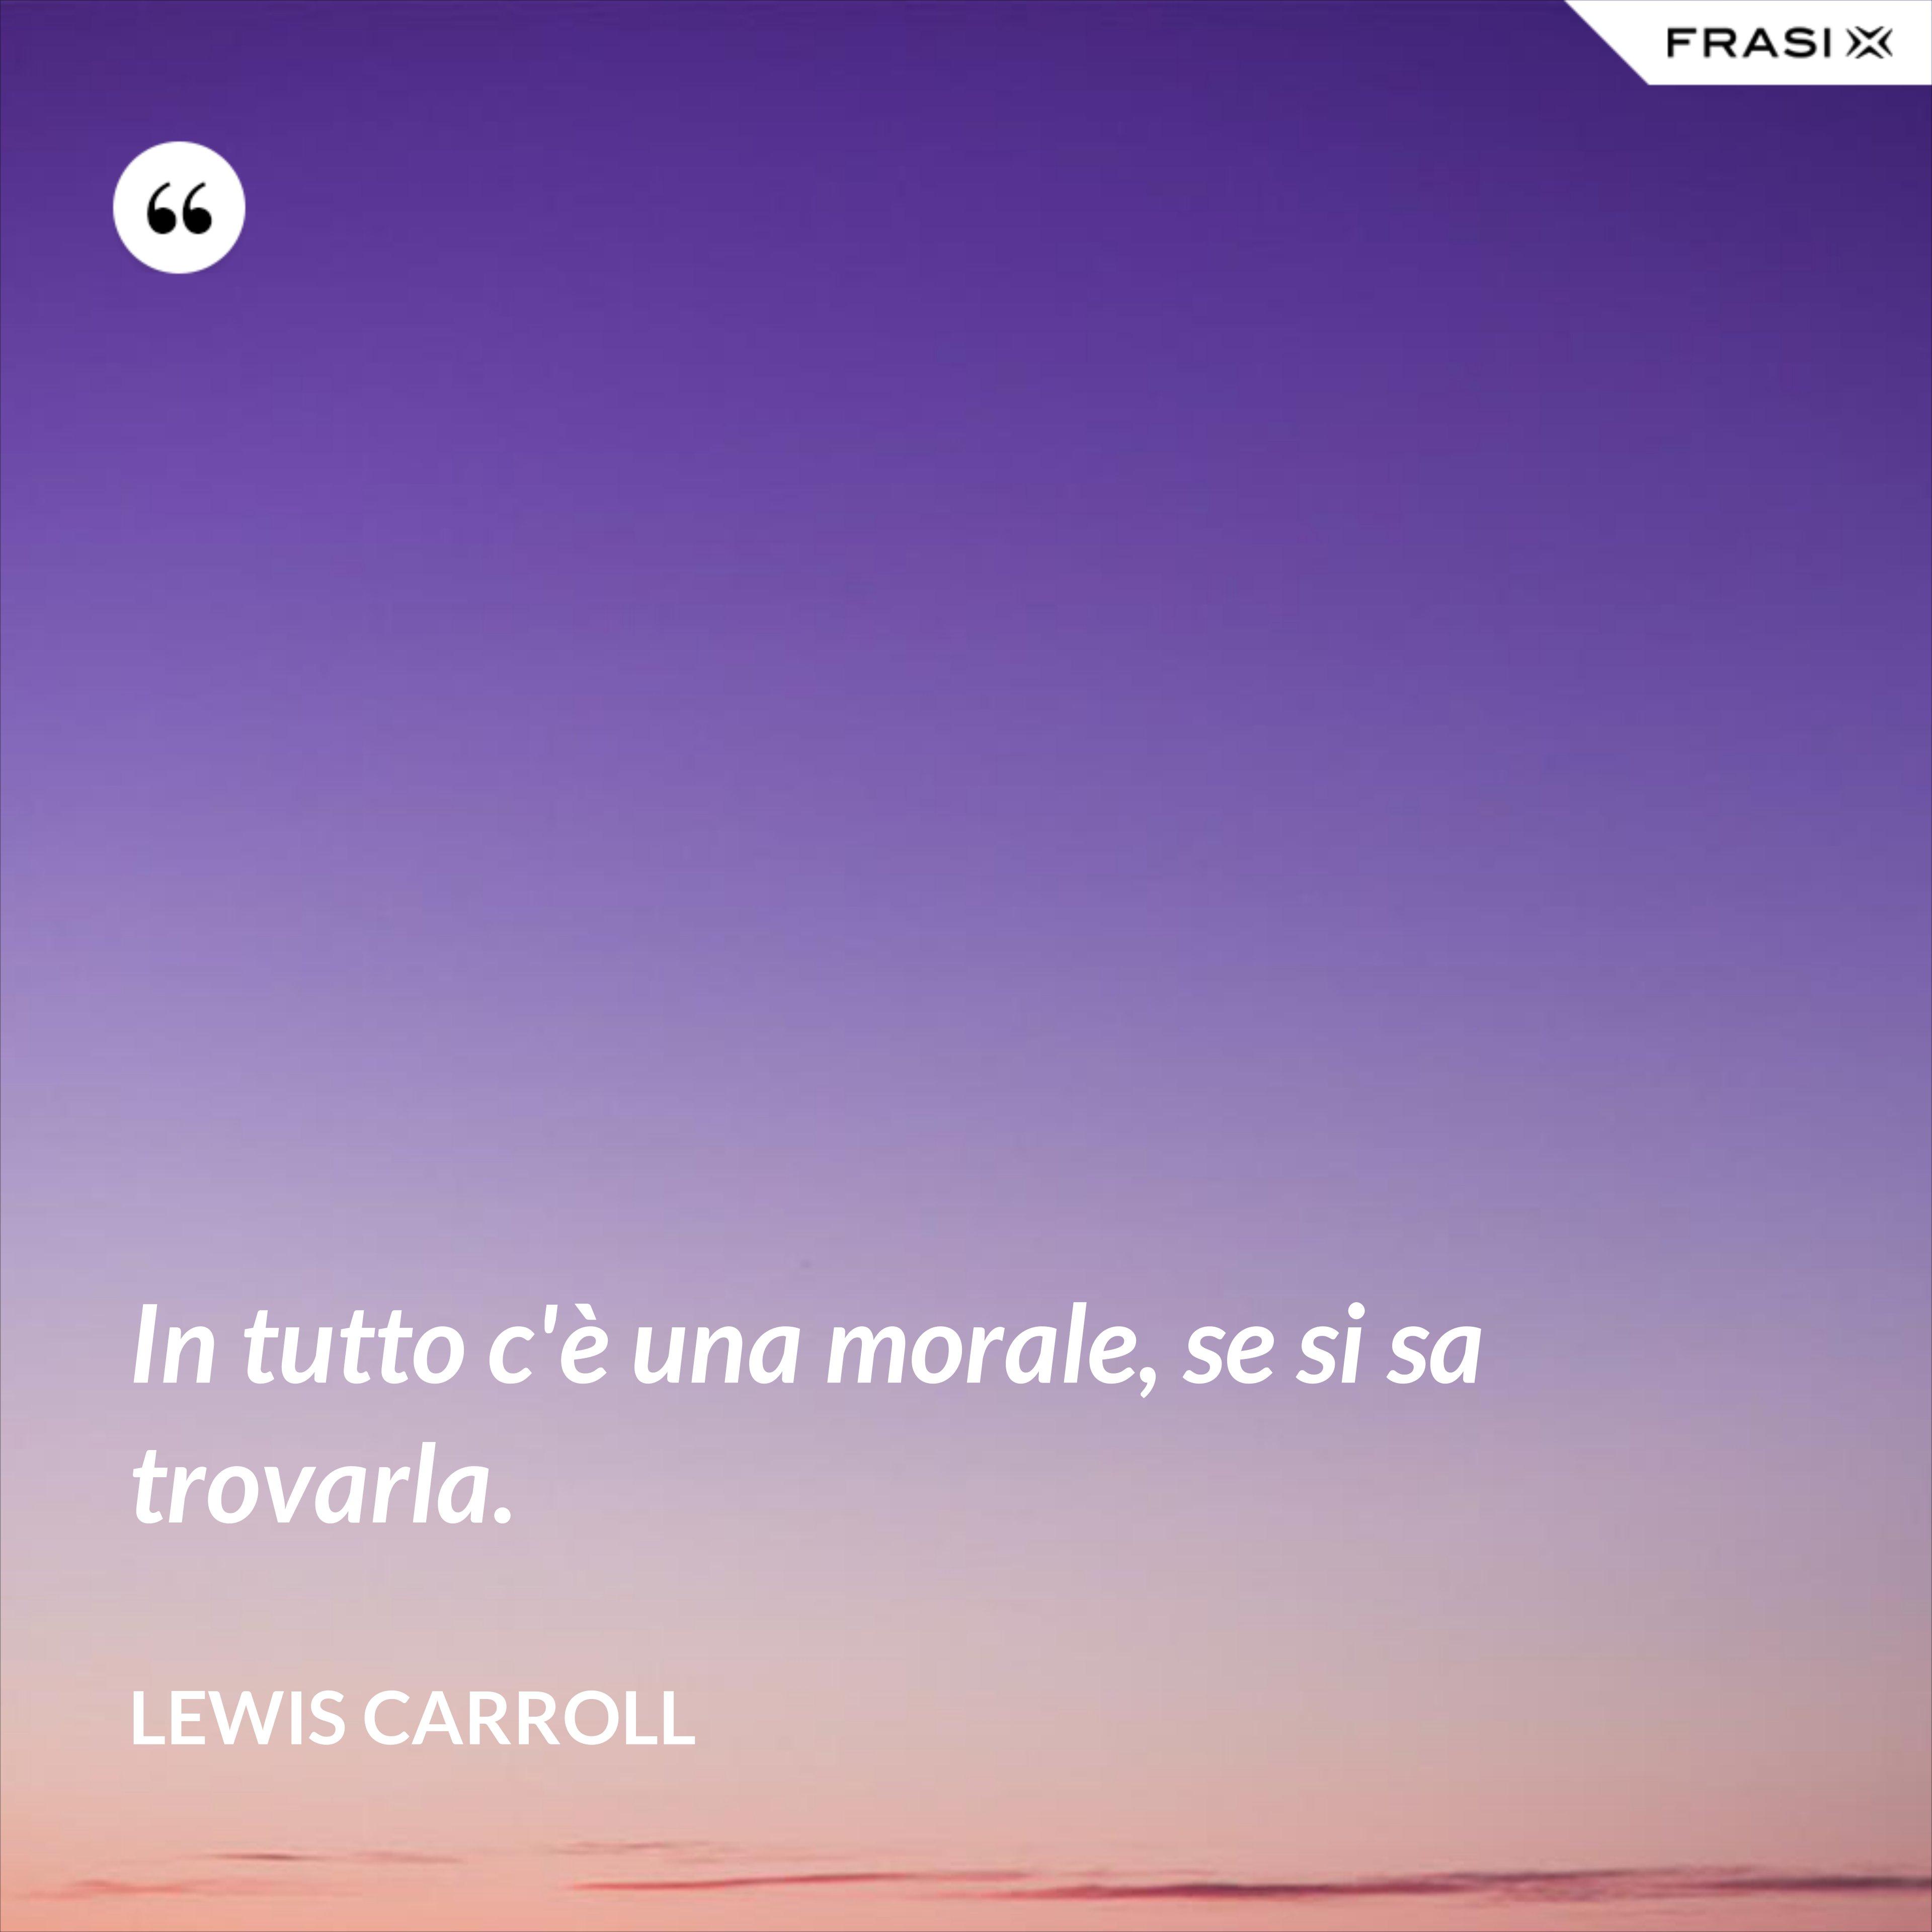 In tutto c'è una morale, se si sa trovarla. - Lewis Carroll